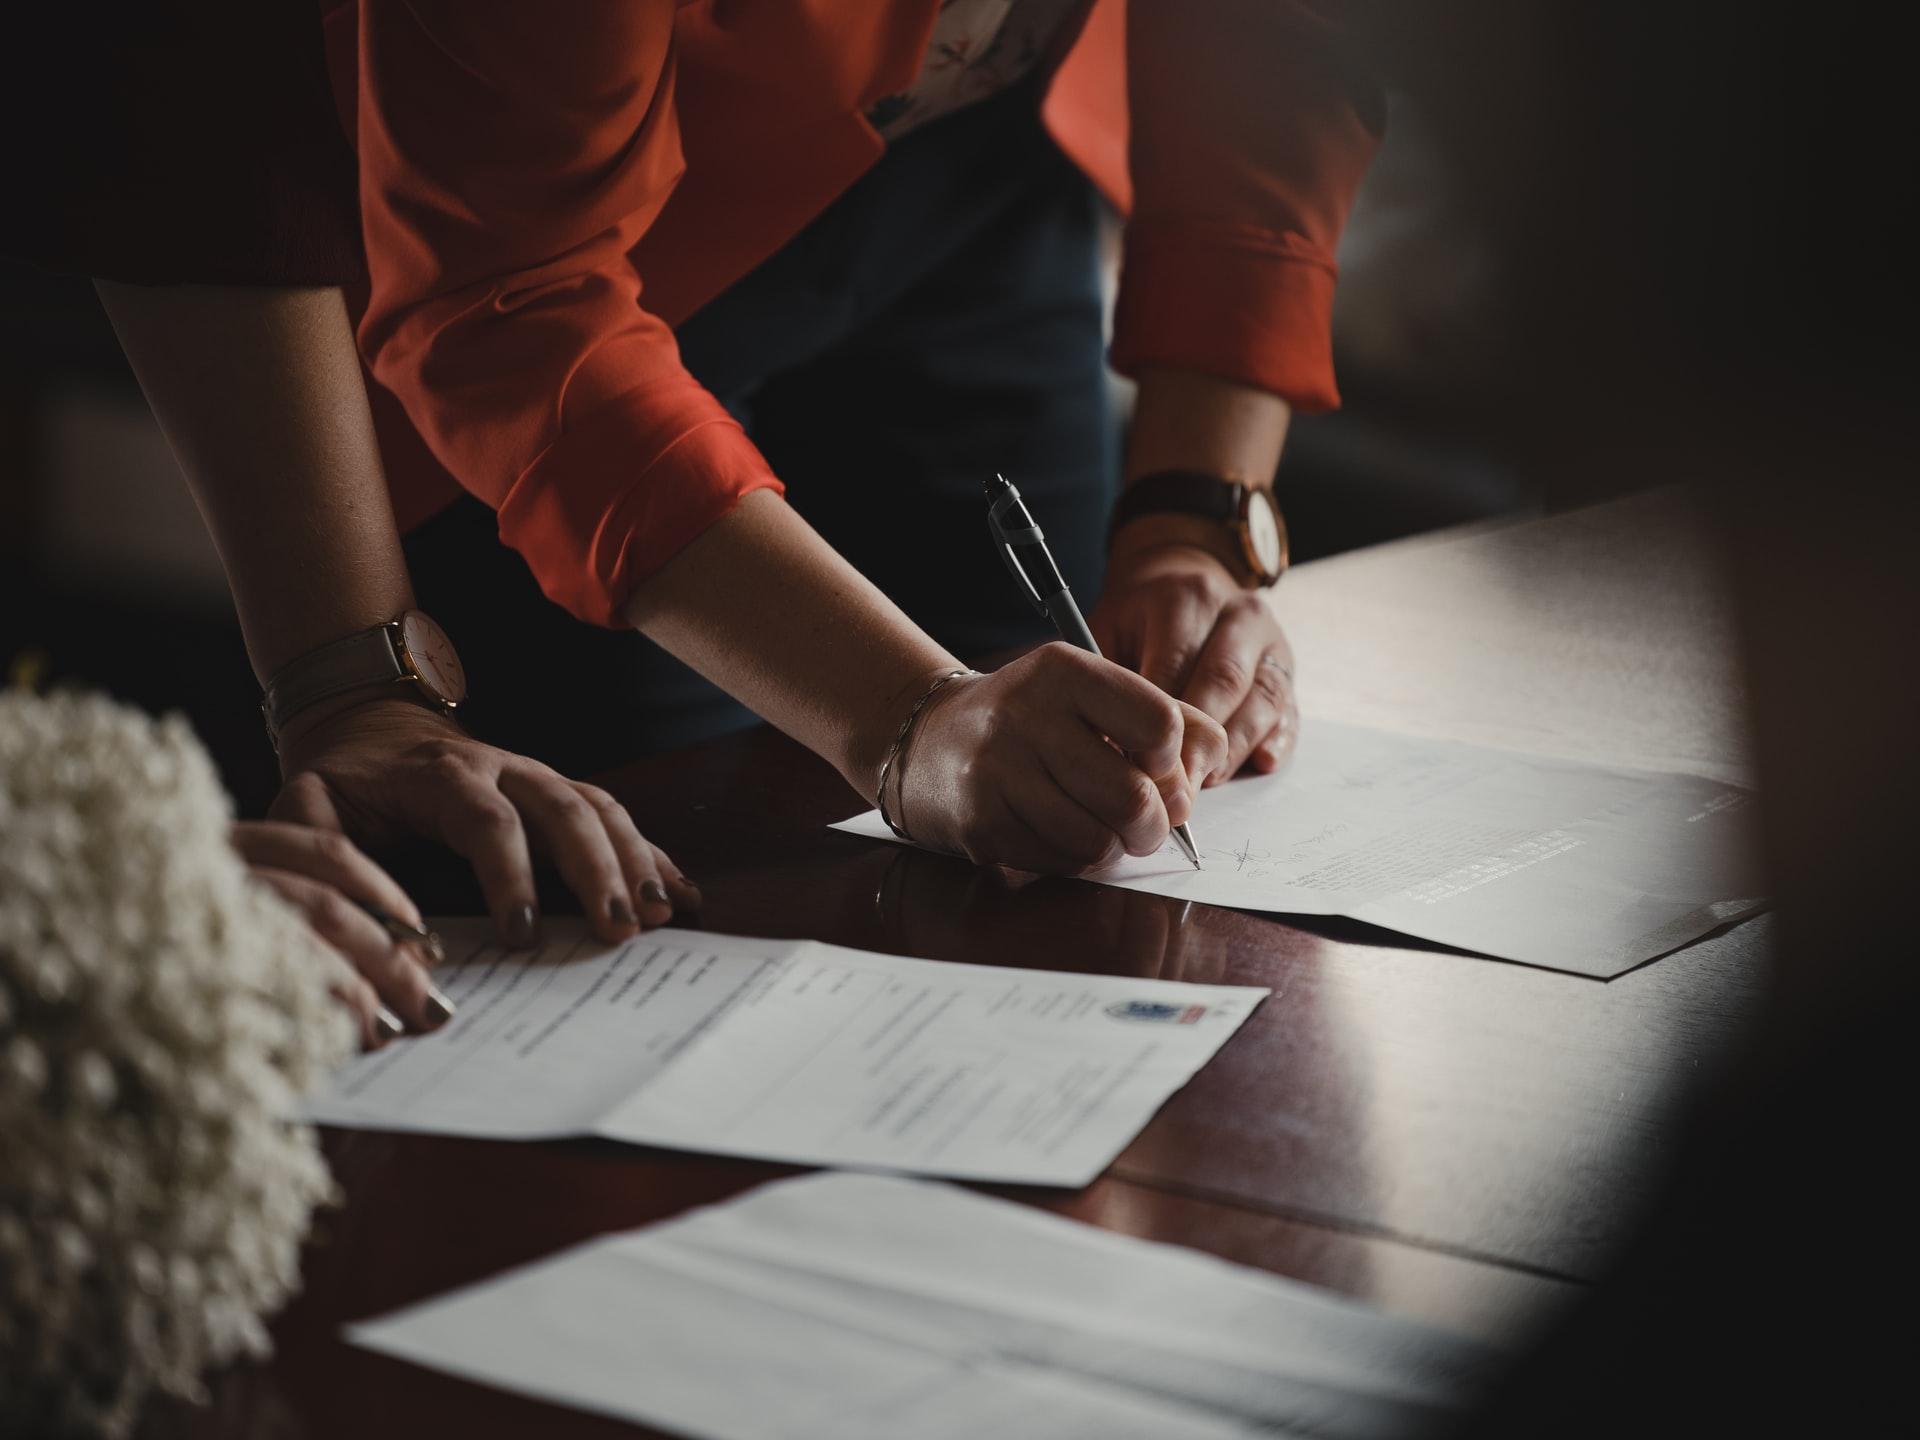 Deux personnes en train de signer un contrat